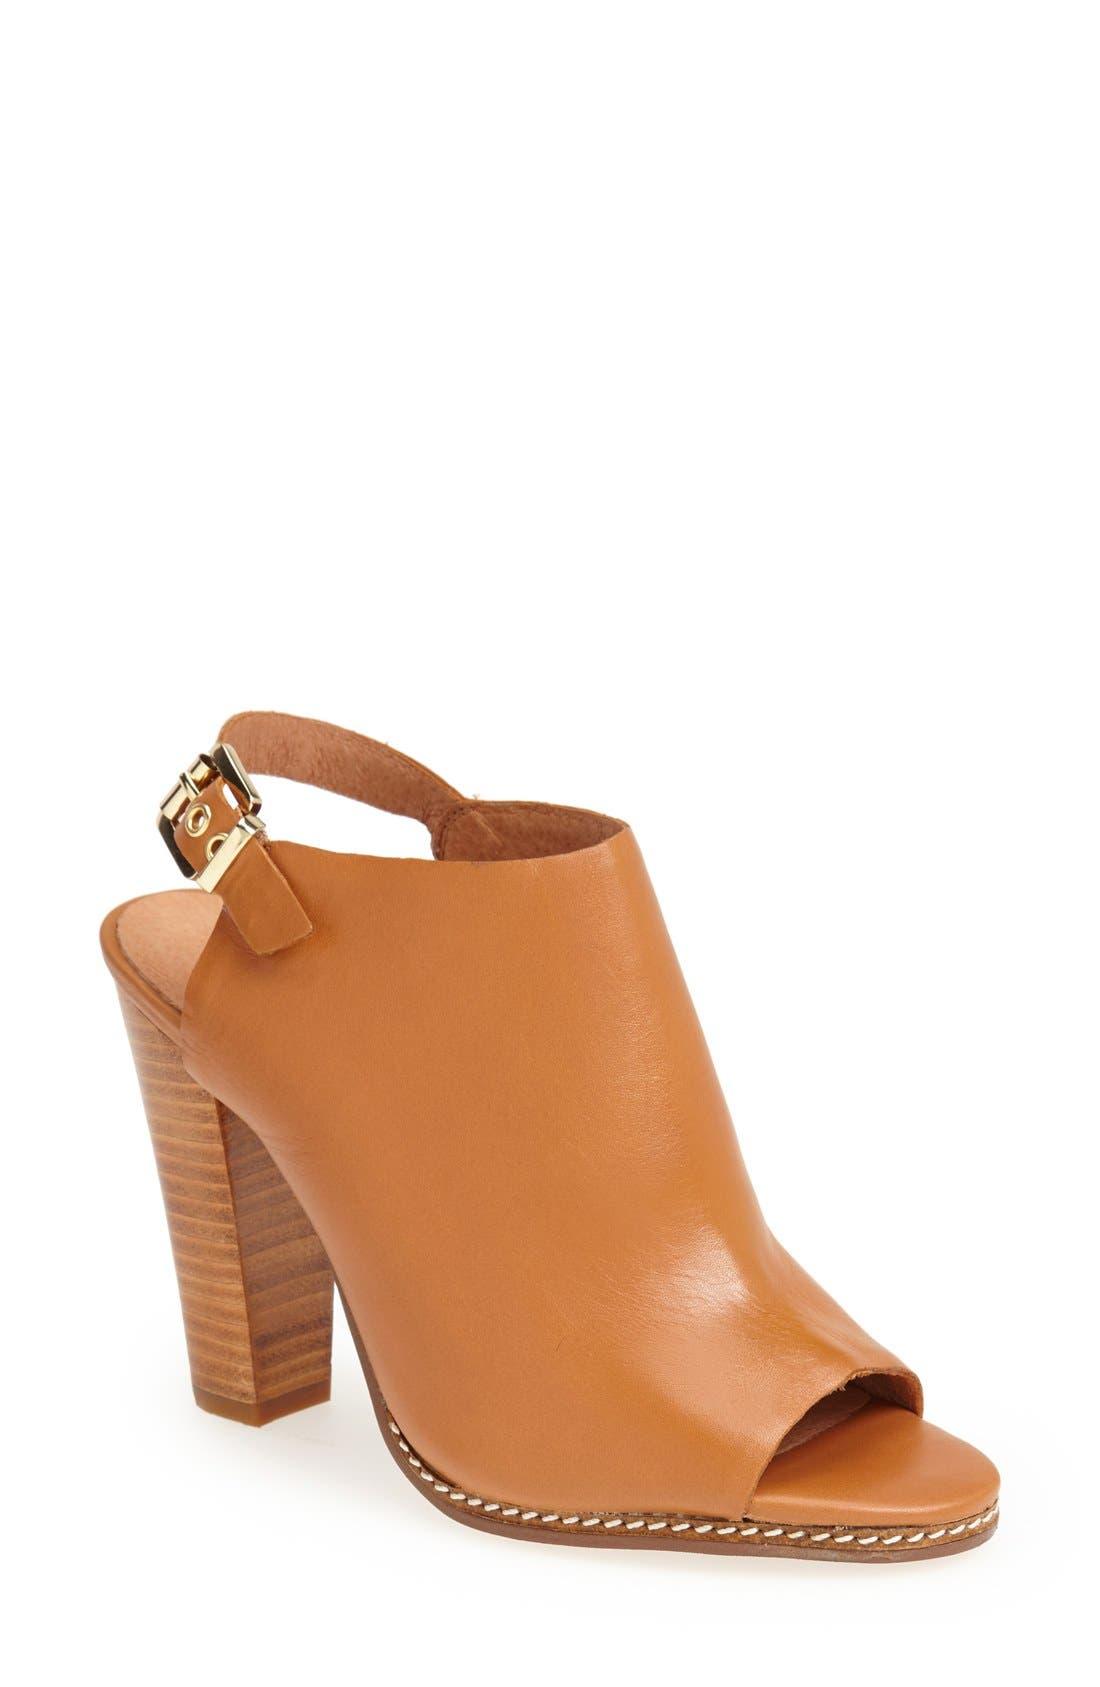 Main Image - Halogen 'Sasha' Leather Sandal (Women)